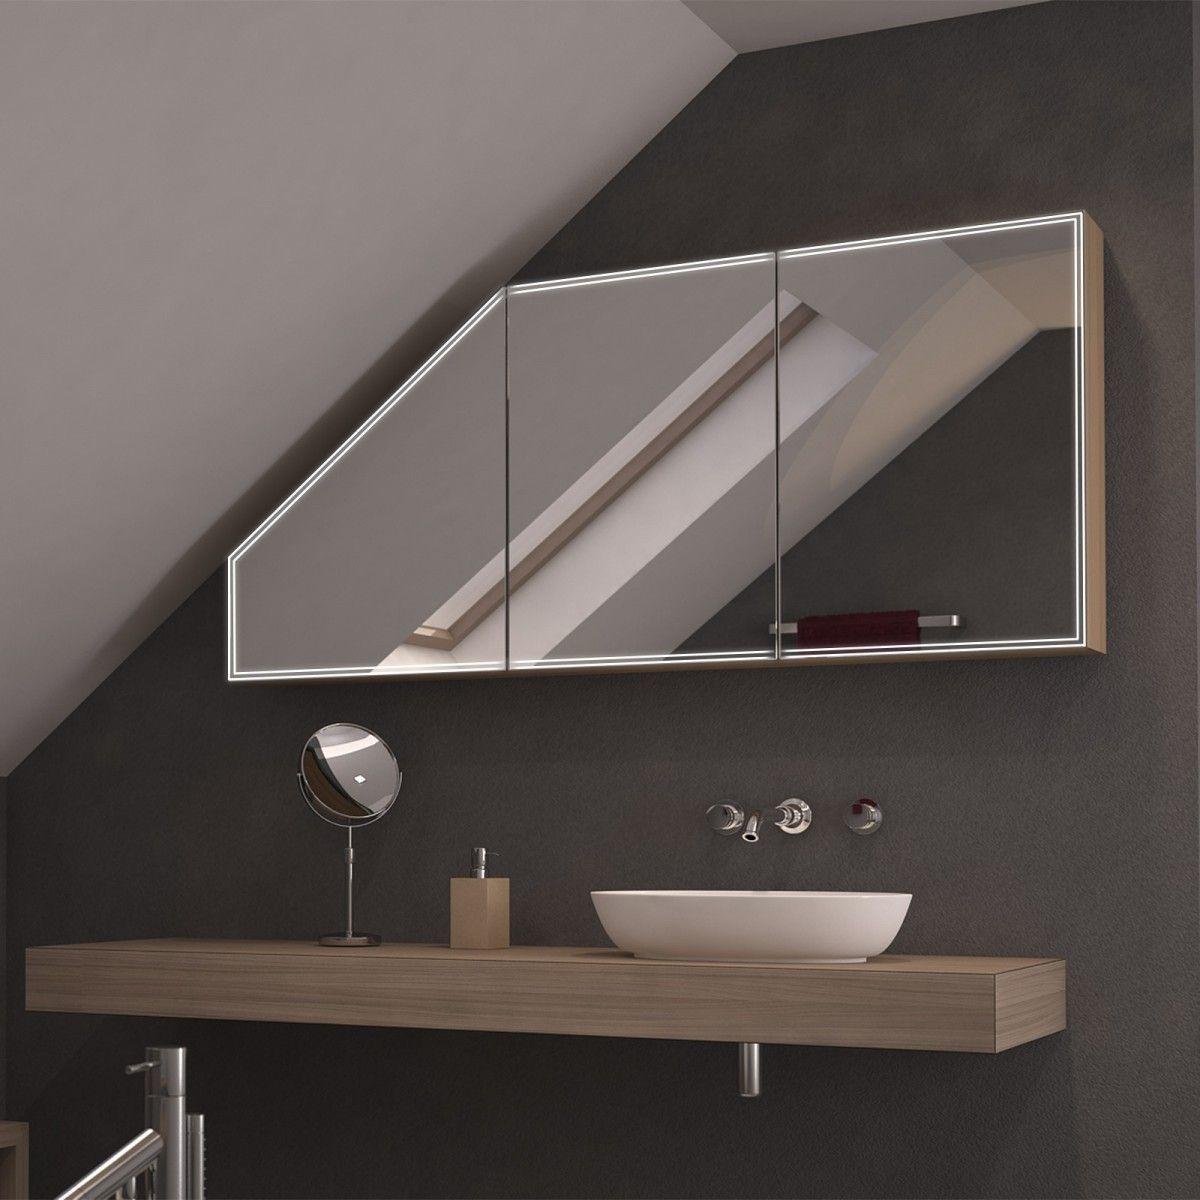 Spiegelschrank Mit Schrage Mini Duplex Jetzt Bestellen Unter Https Moebel Ladendirekt De Bad Badmoeb Spiegelschrank Badspiegelschrank Badezimmer Dachschrage